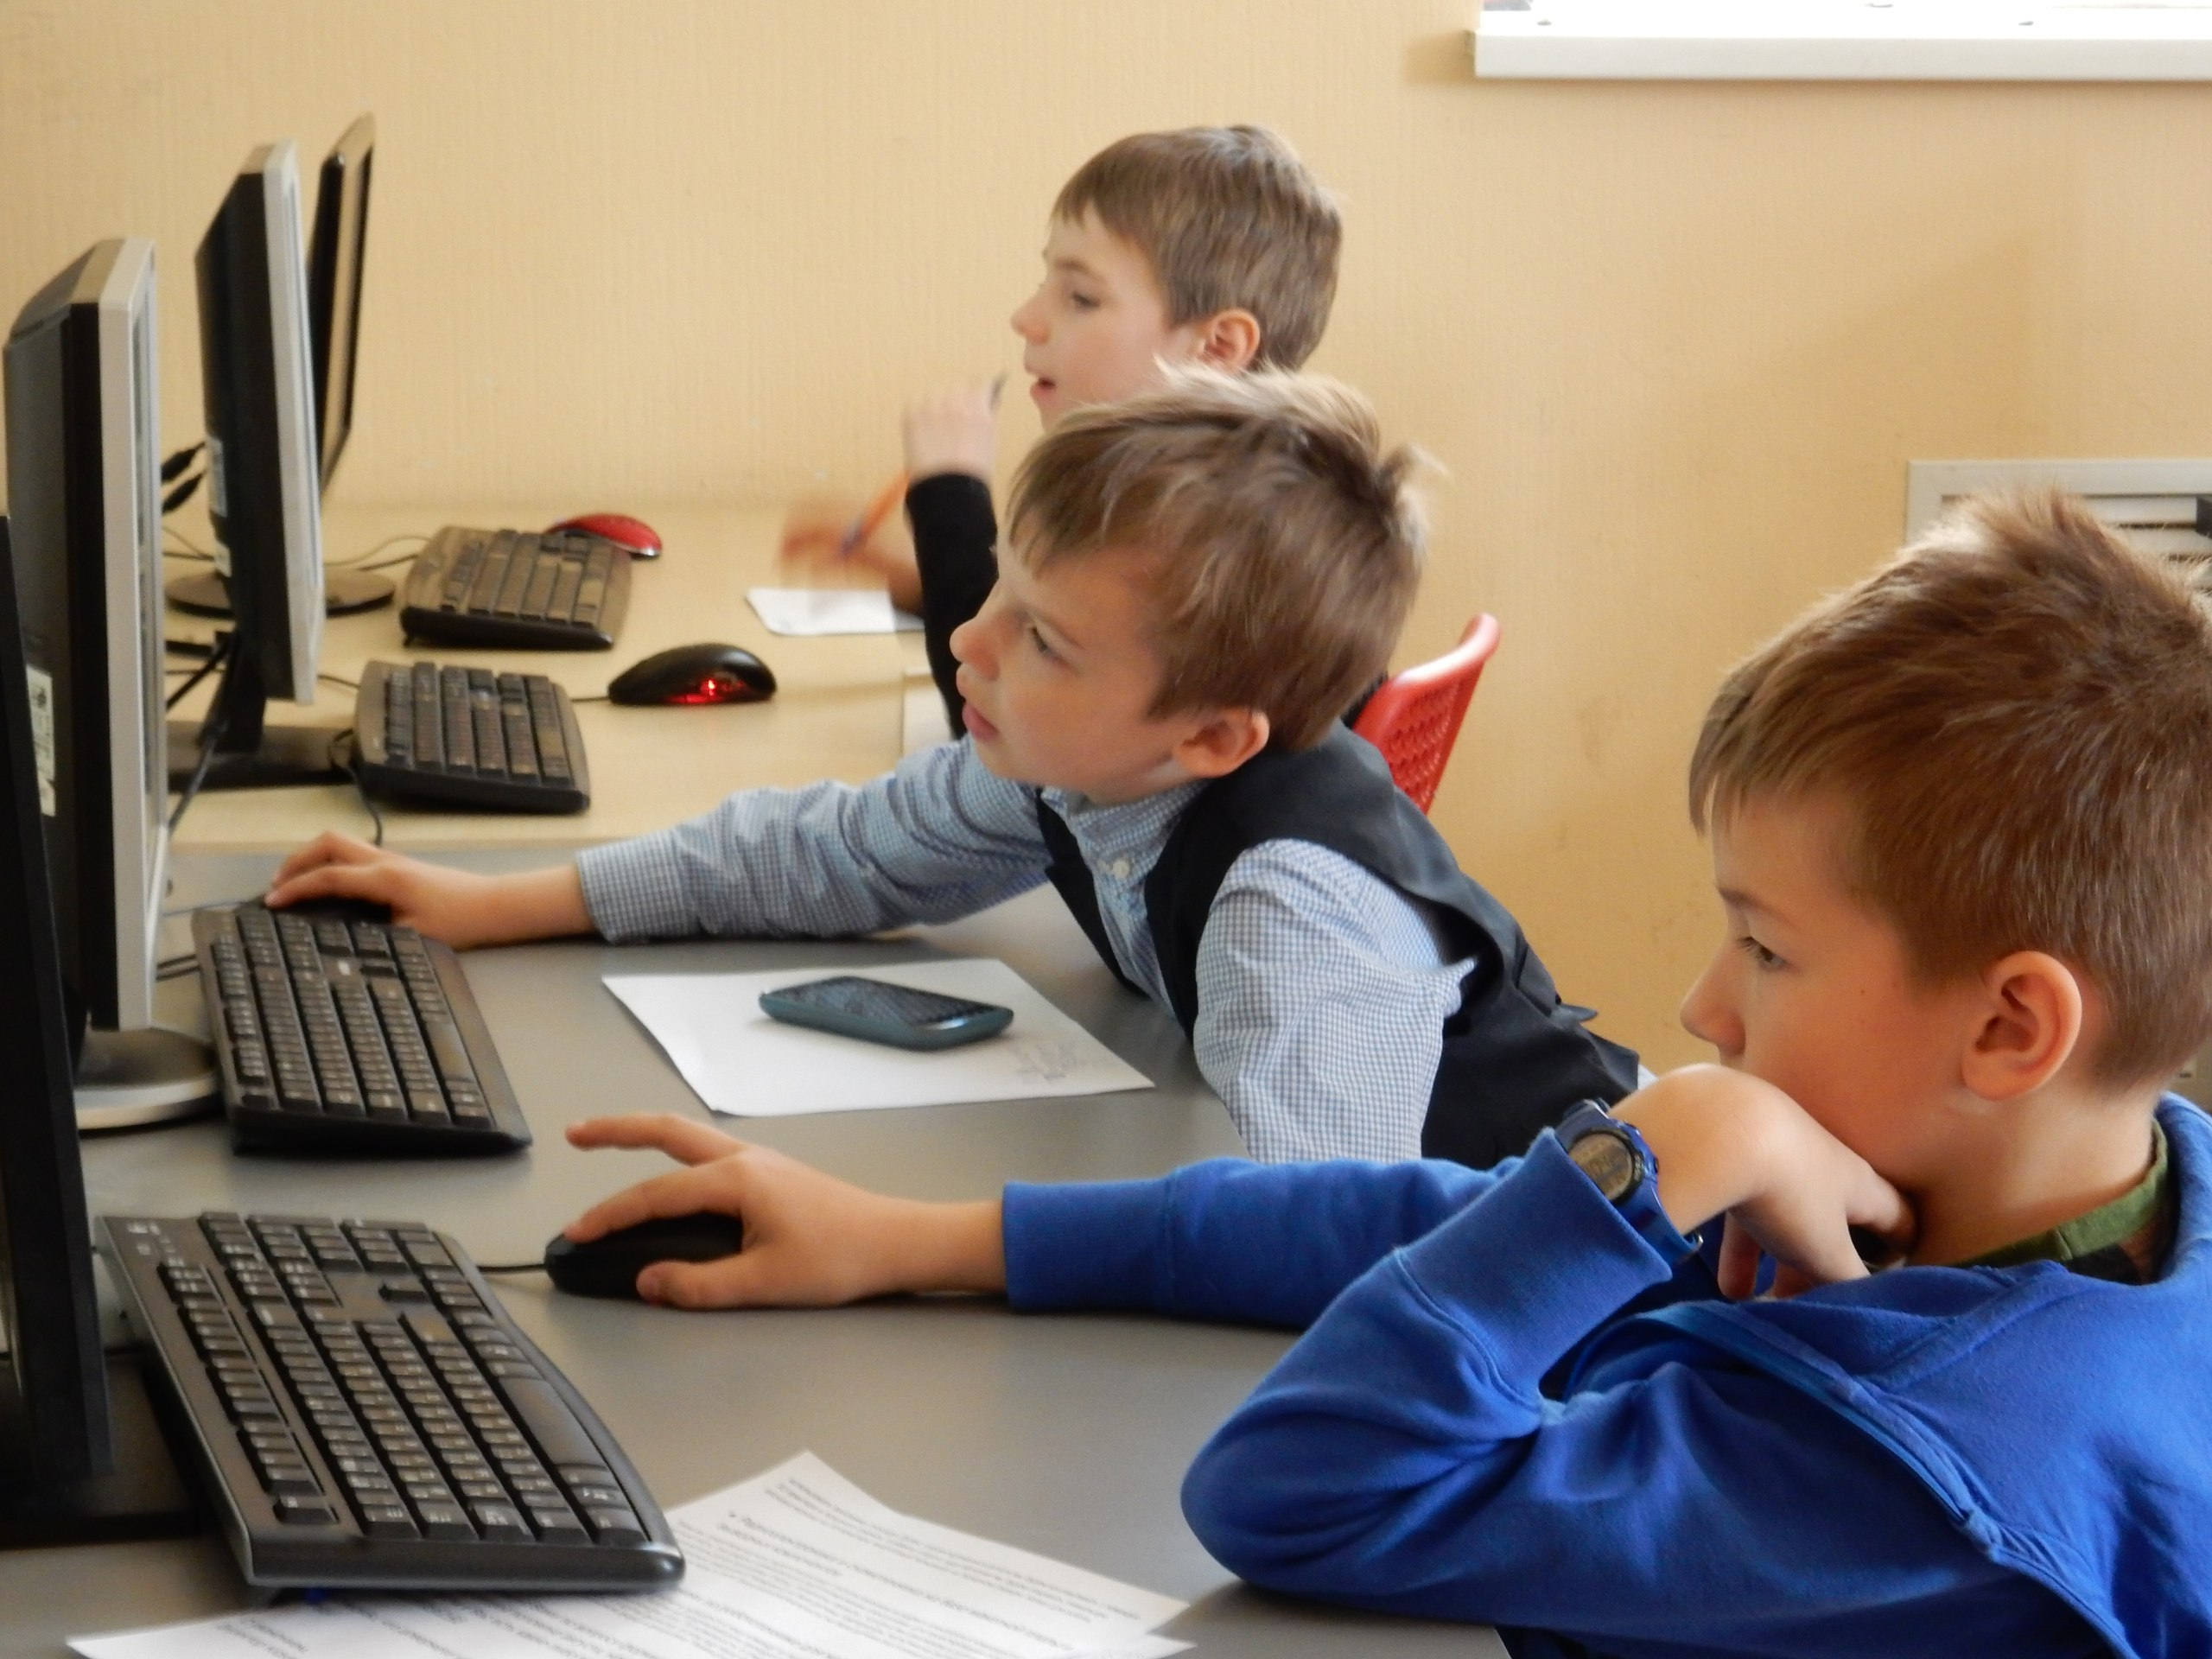 Для дошкольников мы используем специальный язык программирования - SnapJunior